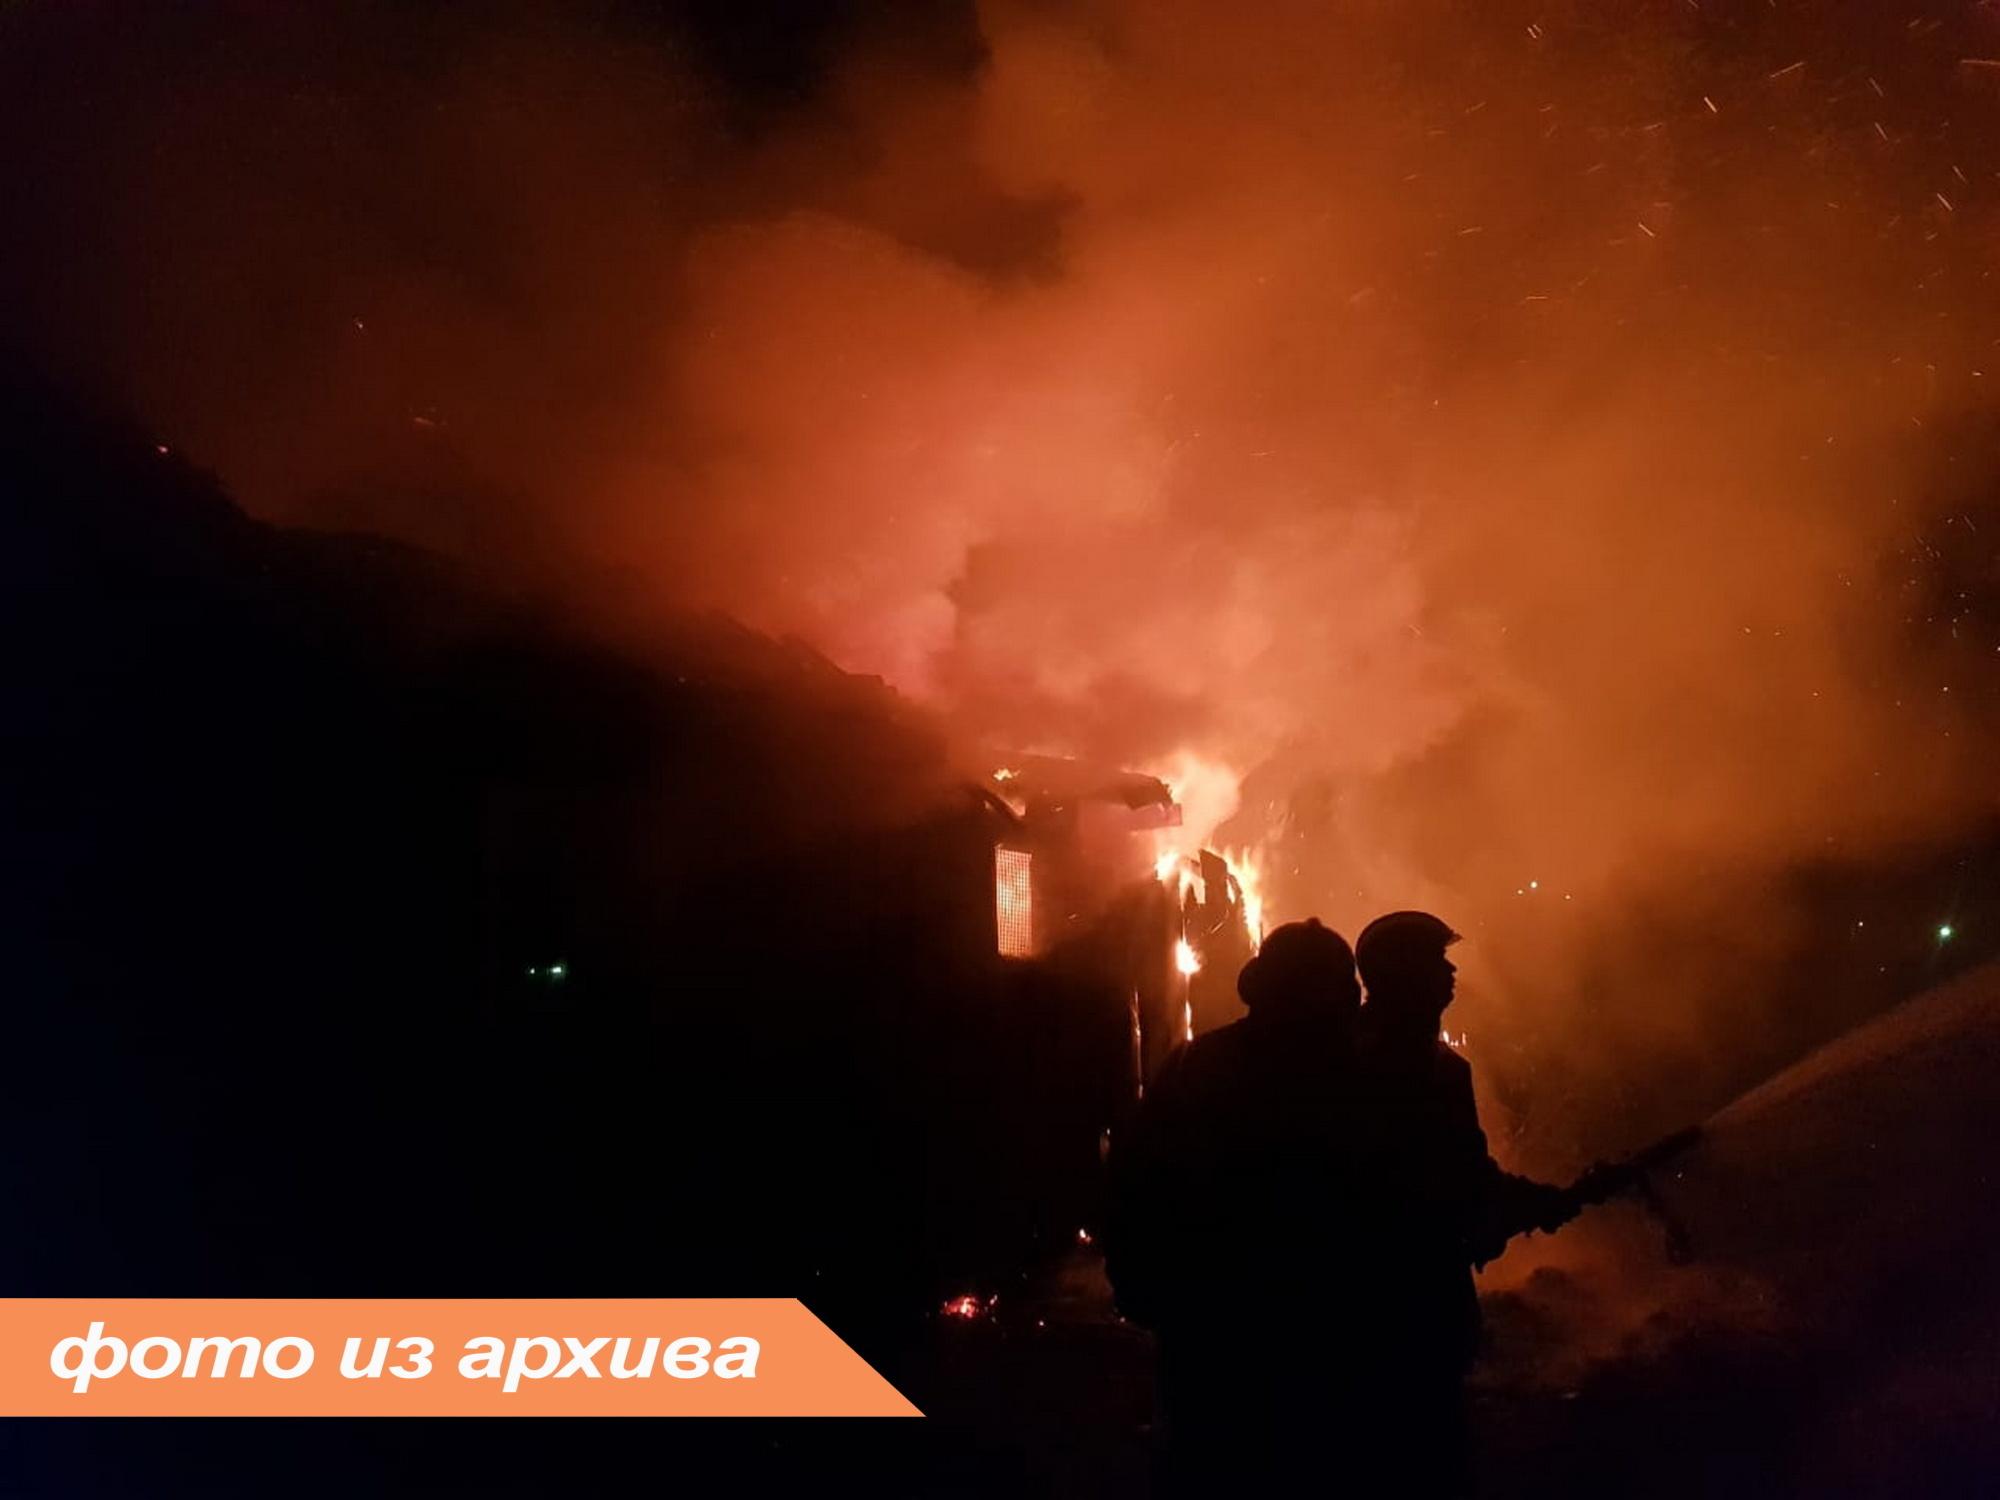 Пожарно-спасательное подразделение Ленинградской области ликвидировало пожар в Подпорожском районе